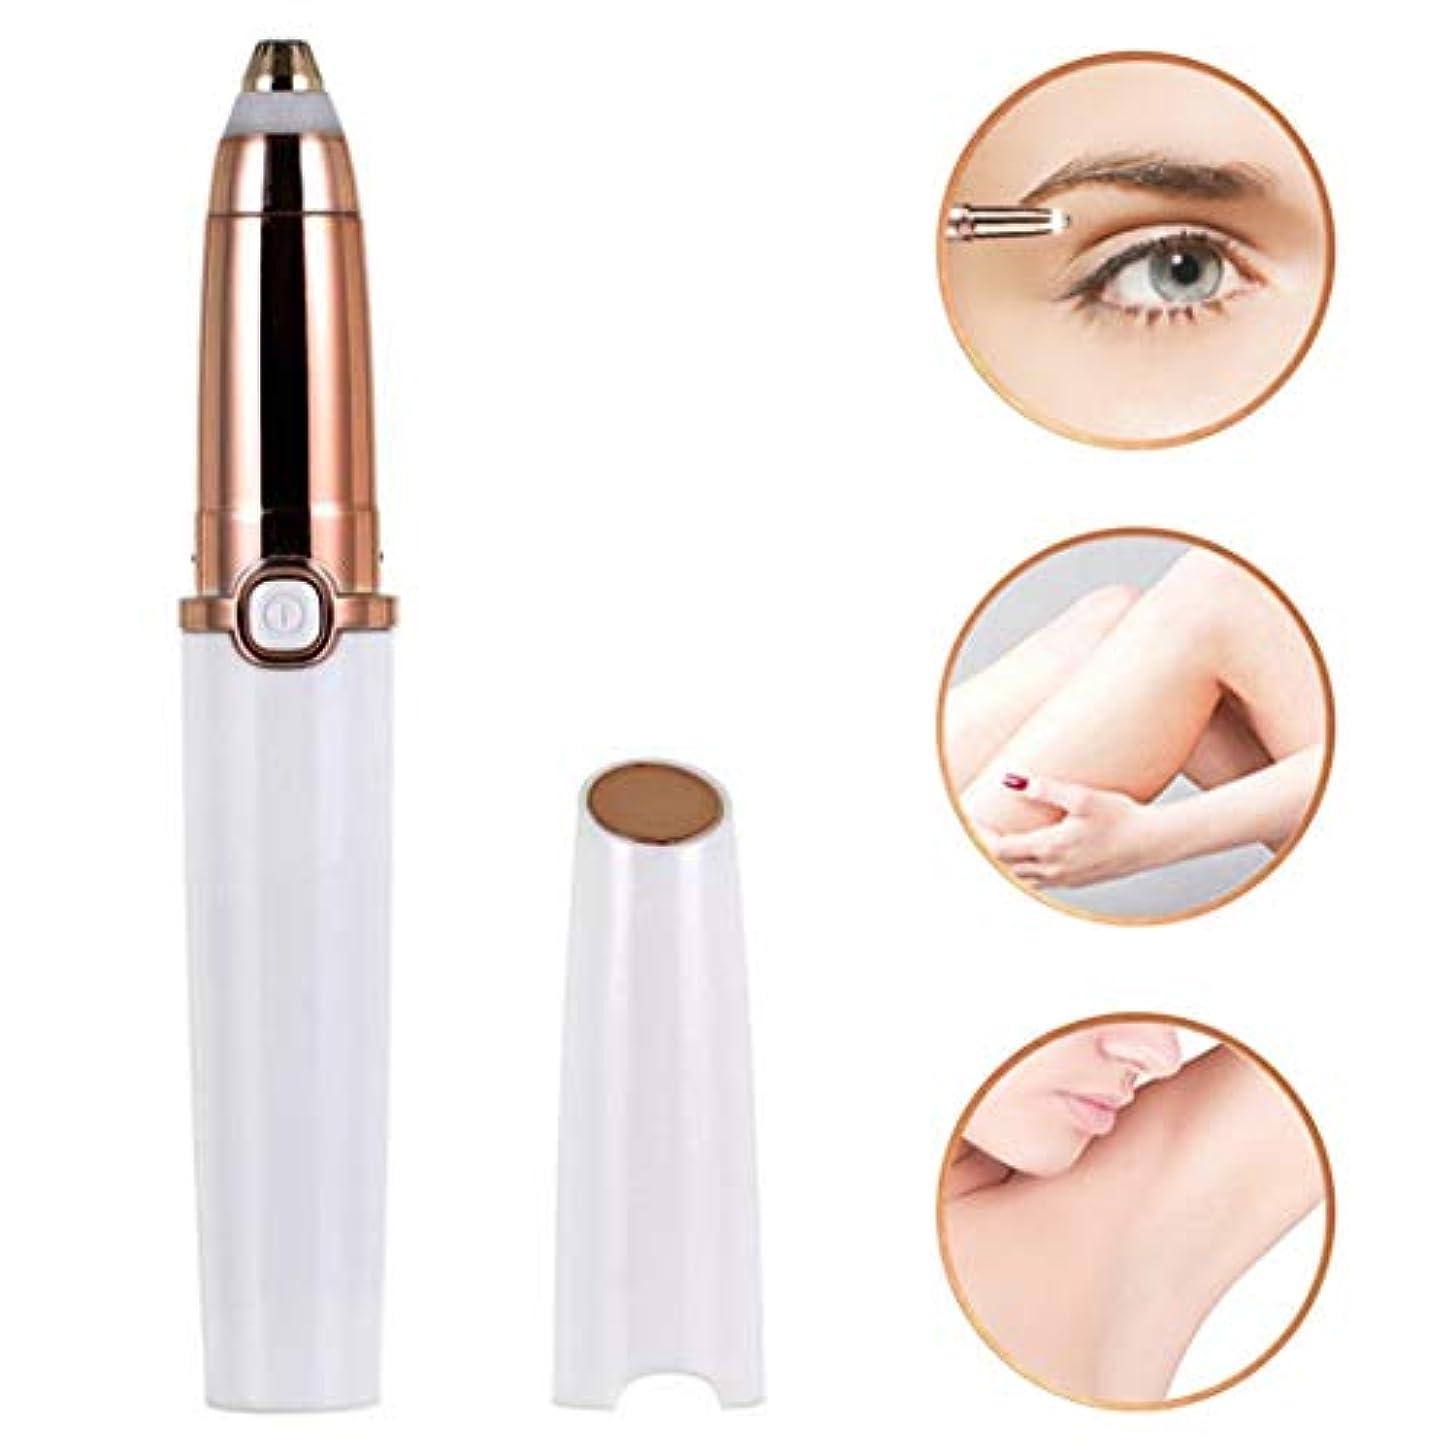 ファンブルつかむ改修する電気眉毛かみそり、鼻耳トリマー、安全/痛みのない/精密脱毛用男性女性バッテリー駆動,白